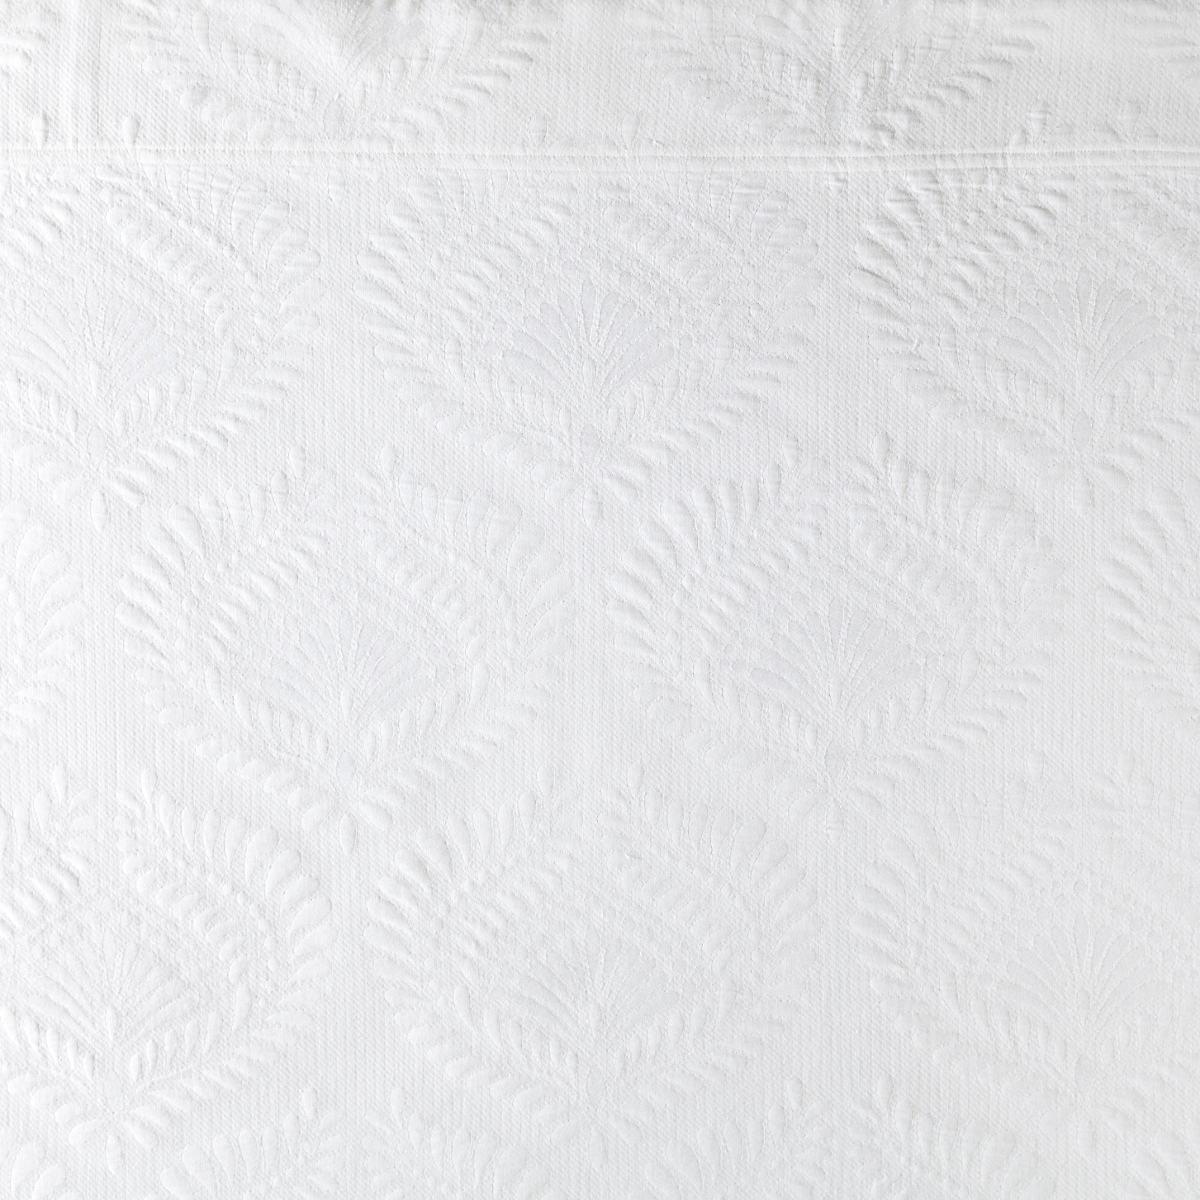 Trinita White Matelassé Coverlet